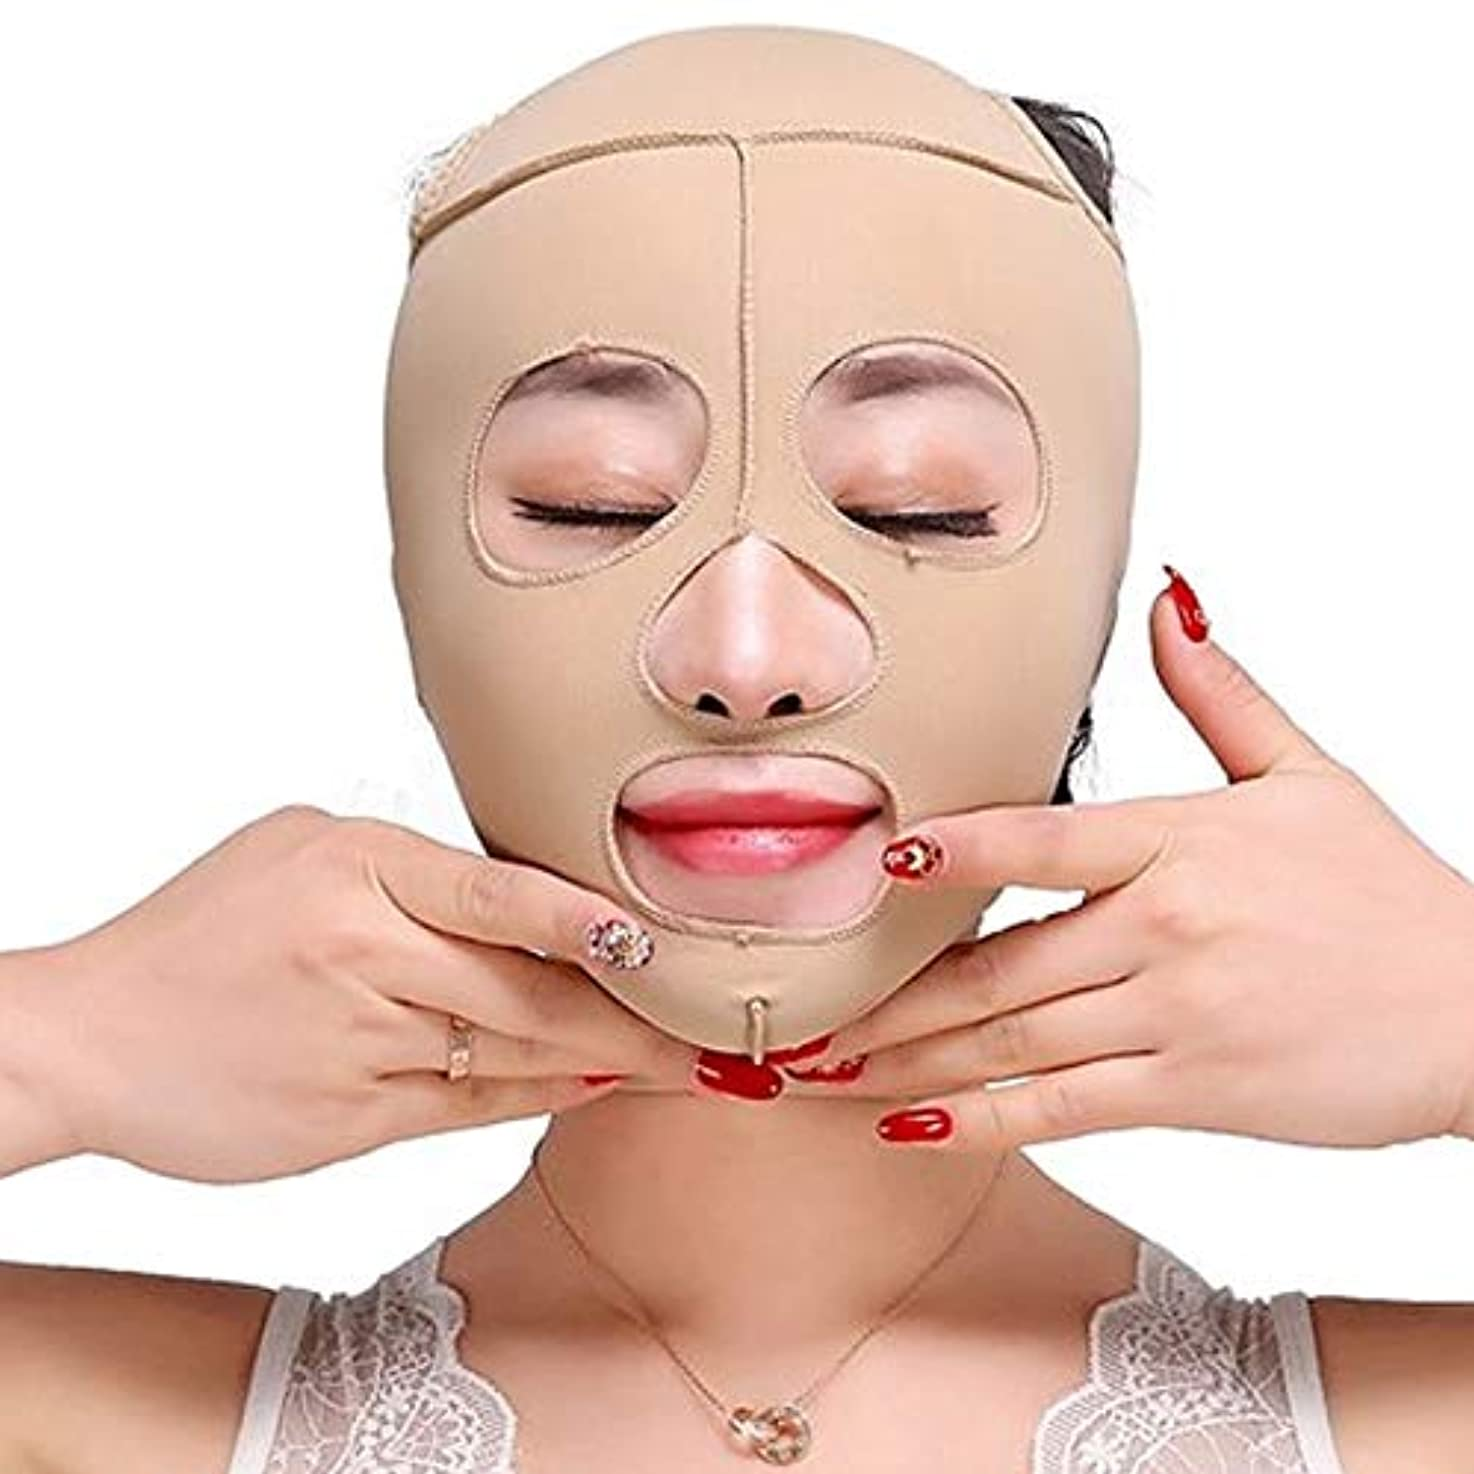 コーナーマウス盲信Jia Jia- フェイスリフティングアーティファクト睡眠薄い顔顔の顔薄い顔V顔マスク二重あご薄い顔包帯肌色 顔面包帯 (サイズ さいず : XL)